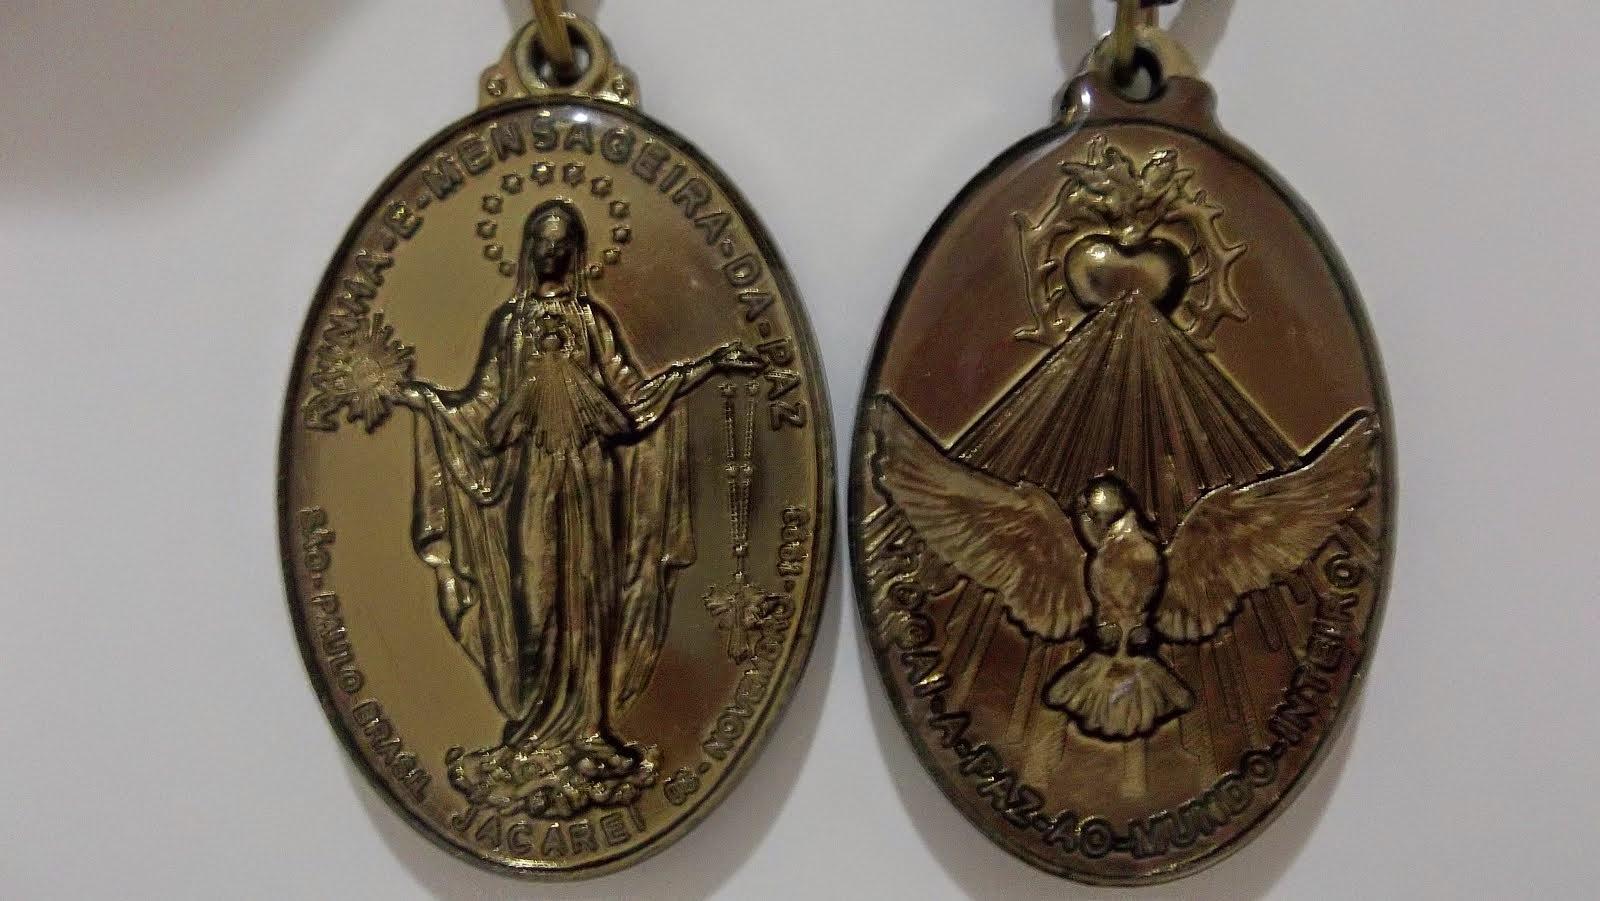 A Santa Medalha da Paz revelada nas Aparições de Jacareí!